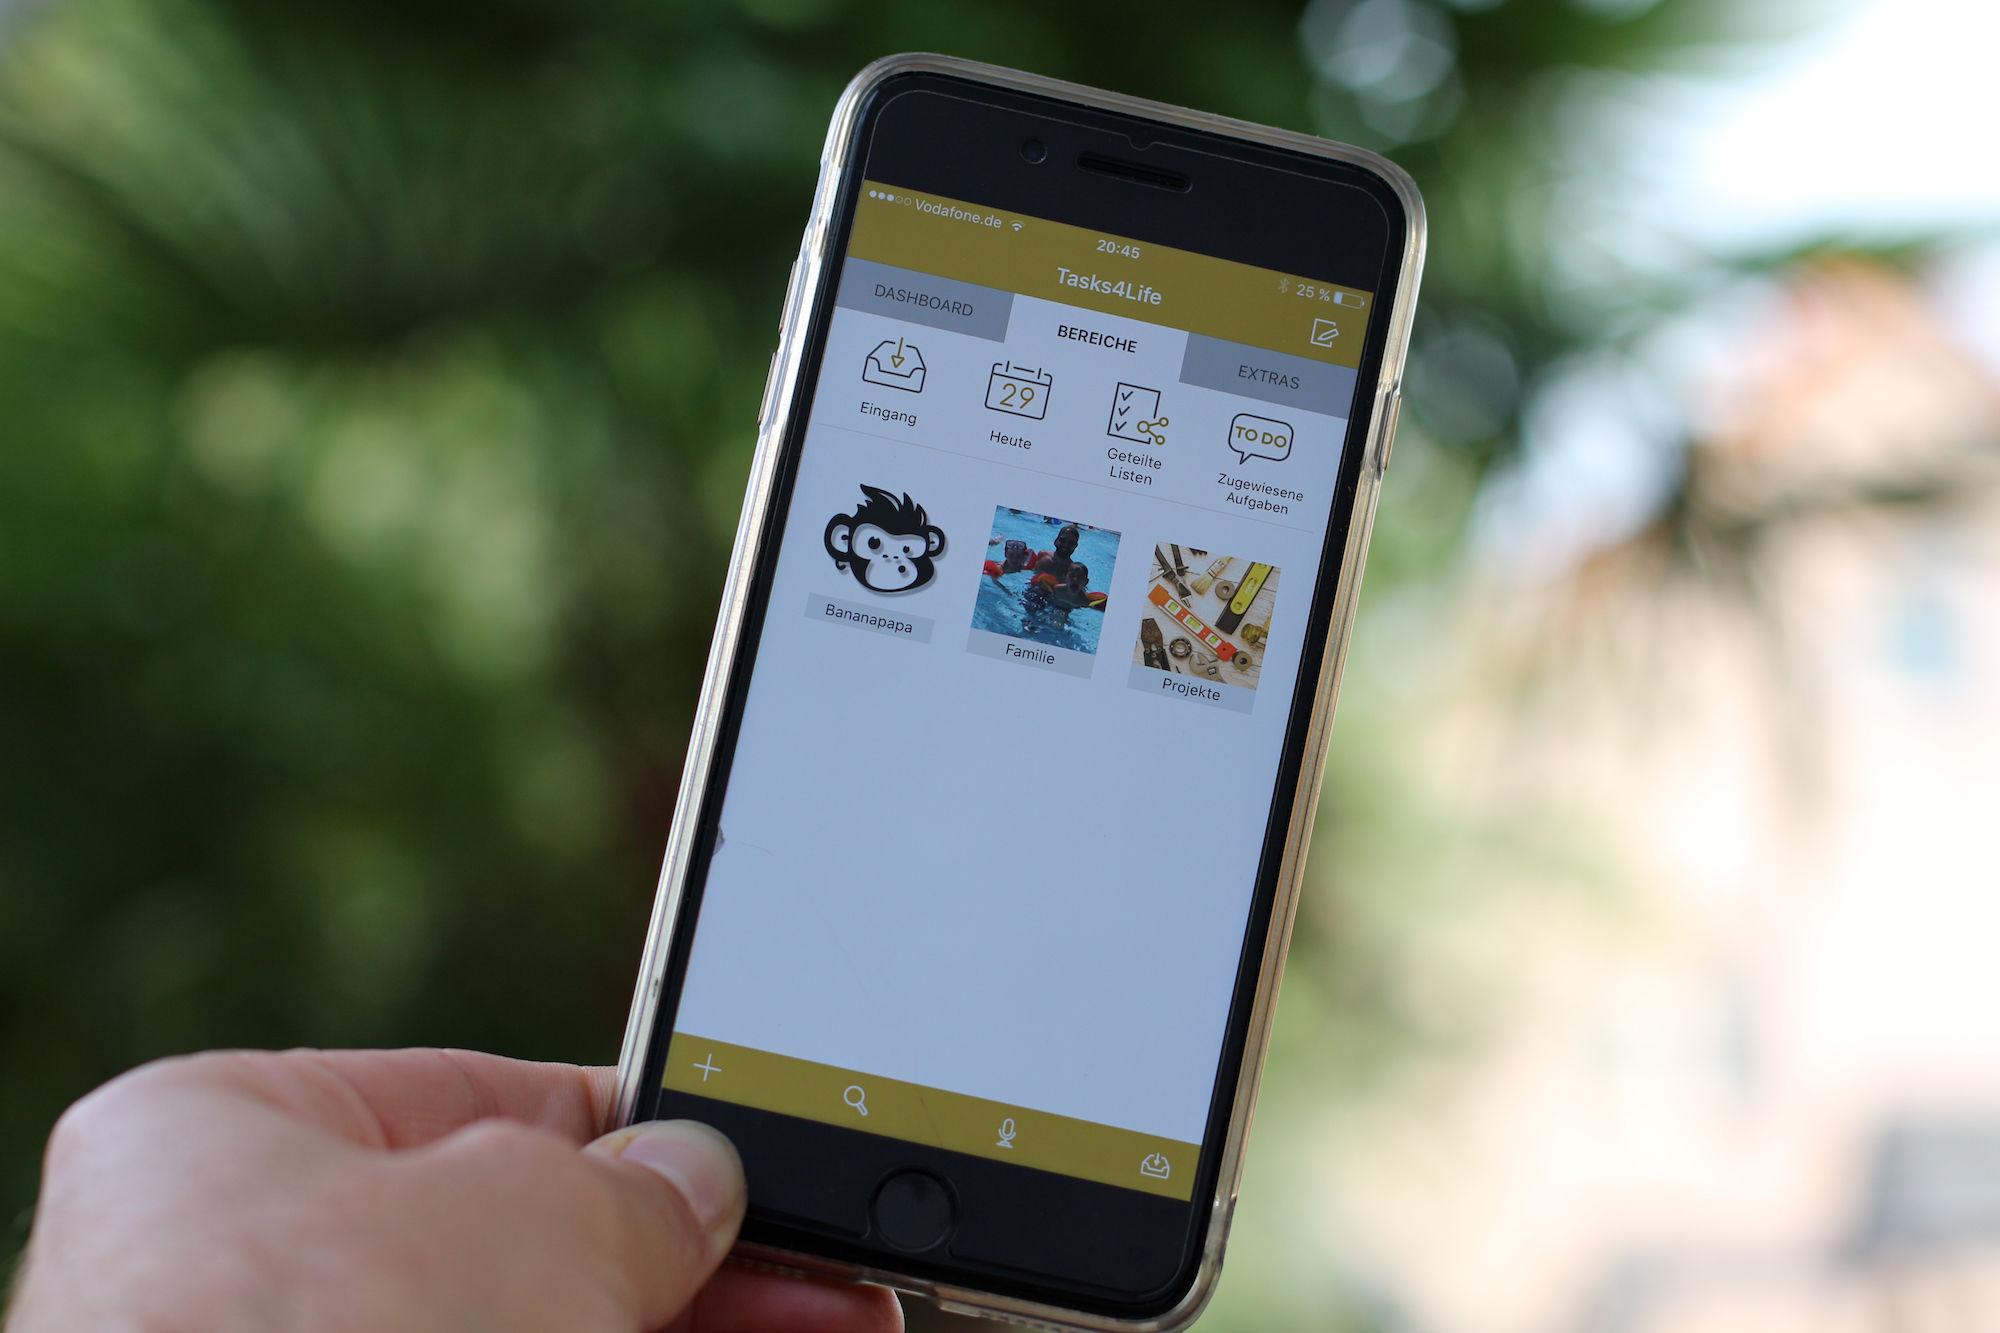 Bild zeigt iPhone App Tasks4Life Bereiche